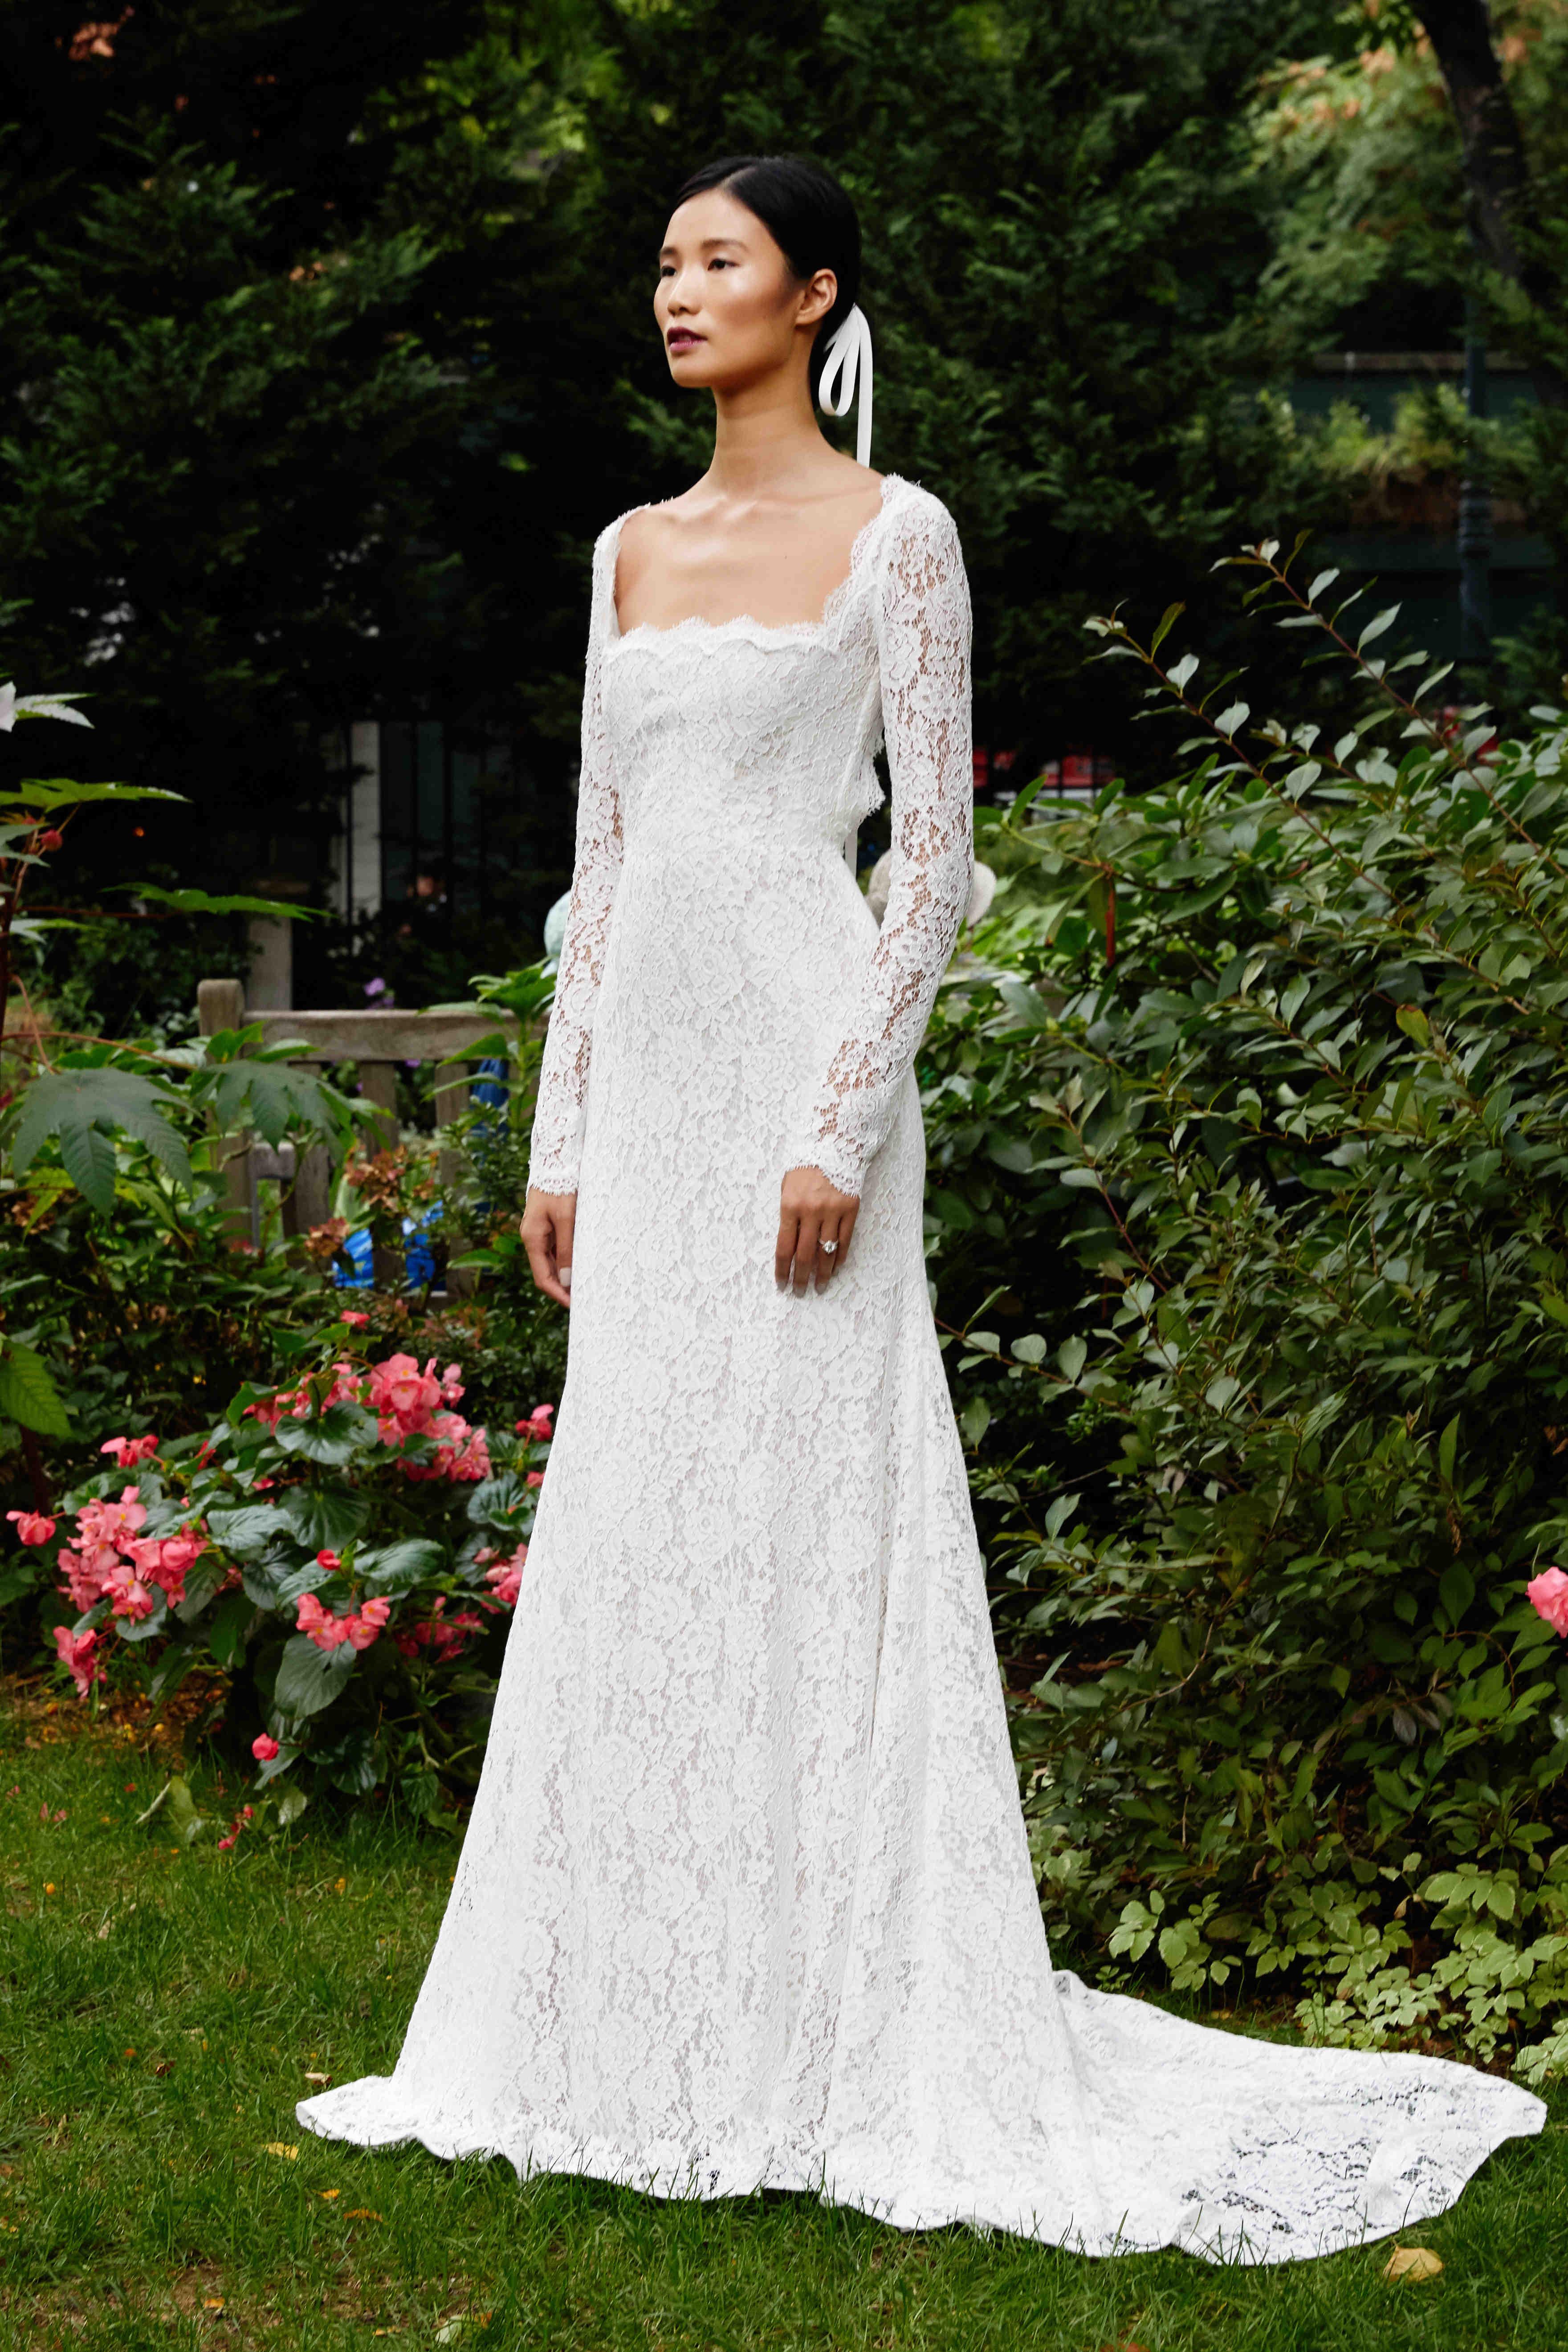 Lela Rose long sleeve wedding dress fall 2019